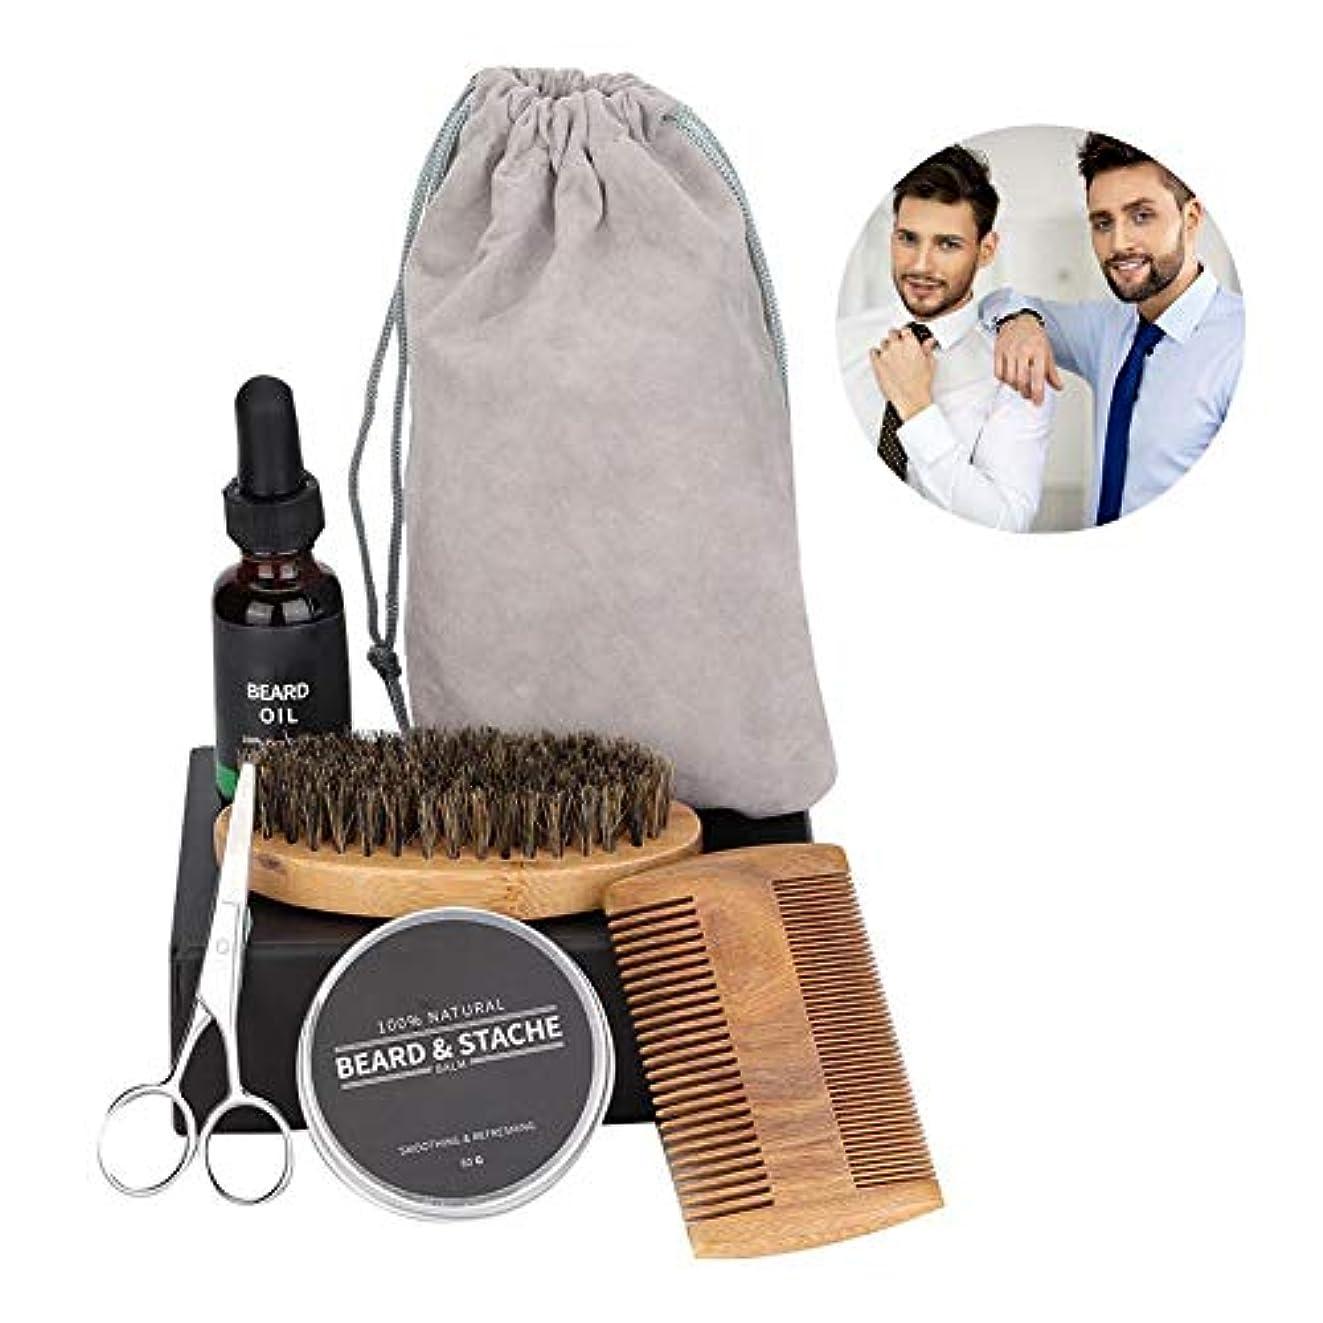 不機嫌そうなパンツピルファー髭手入れキット、髭手入れキットを含む男性または父親のための髭成長手入れおよびトリミングキット、髭オイル、髭ケアバーム、櫛、はさみ、ブラシ、収納袋